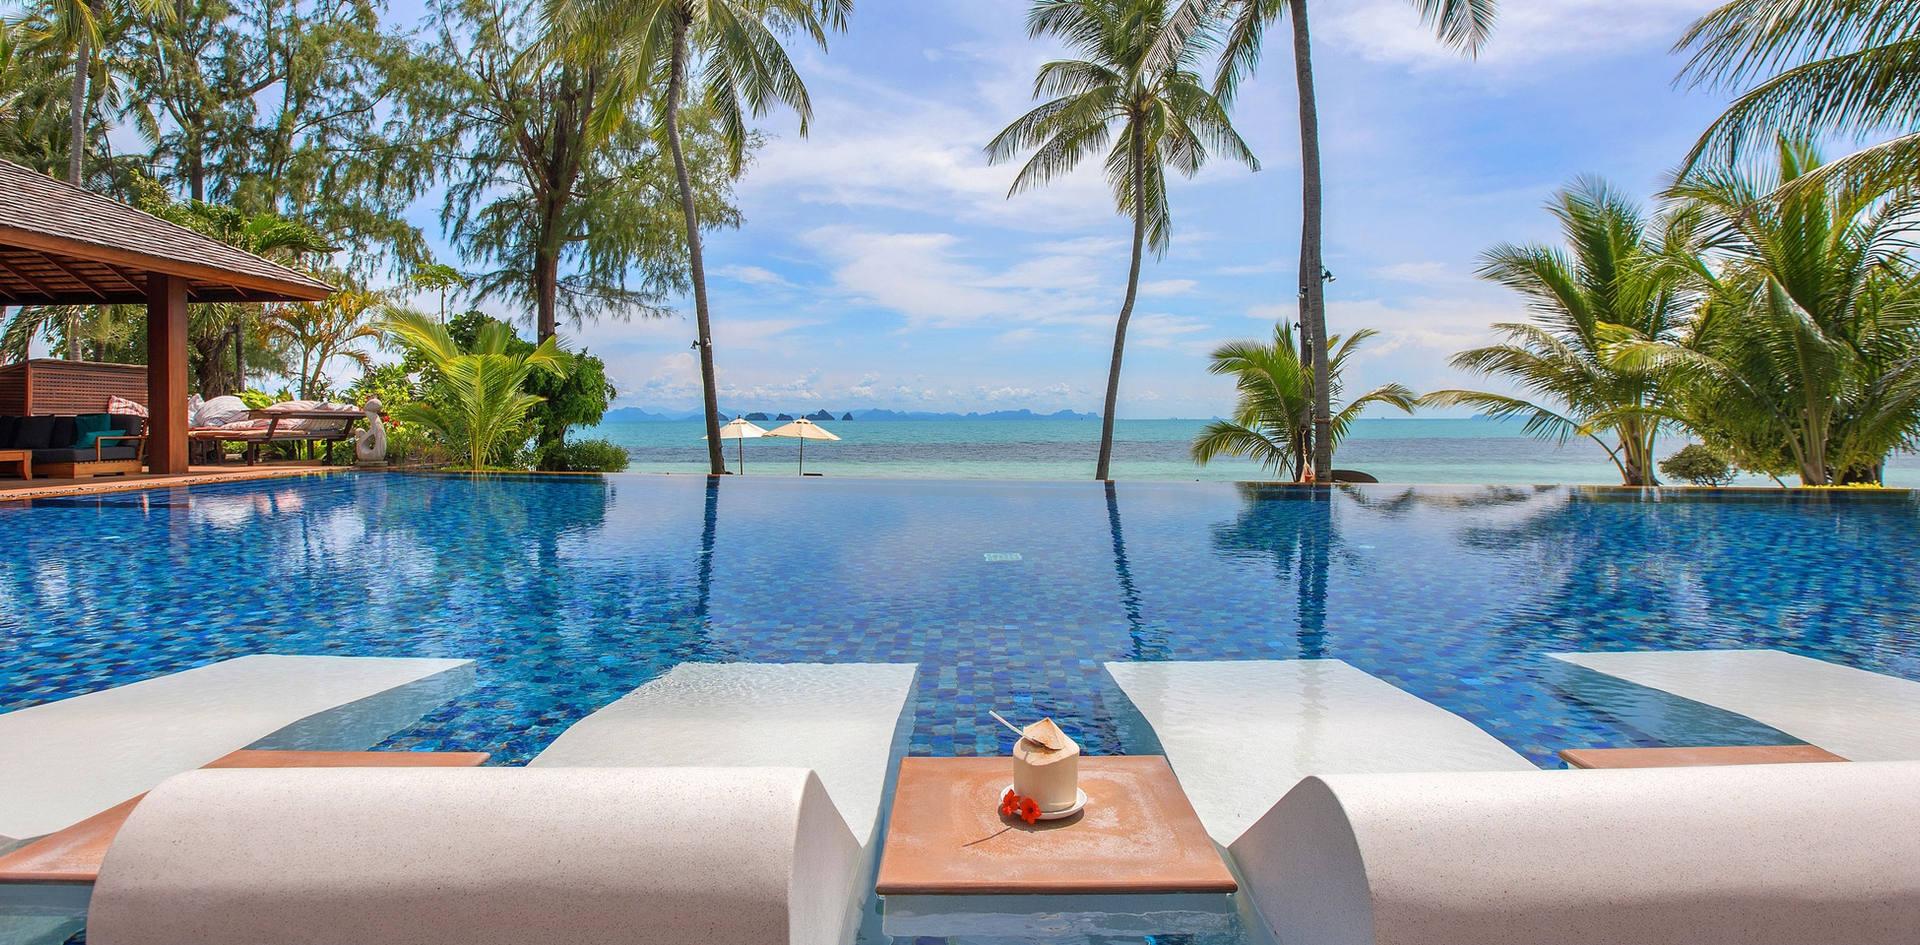 Villa Photo - Baan Kilee - Samui - Thail